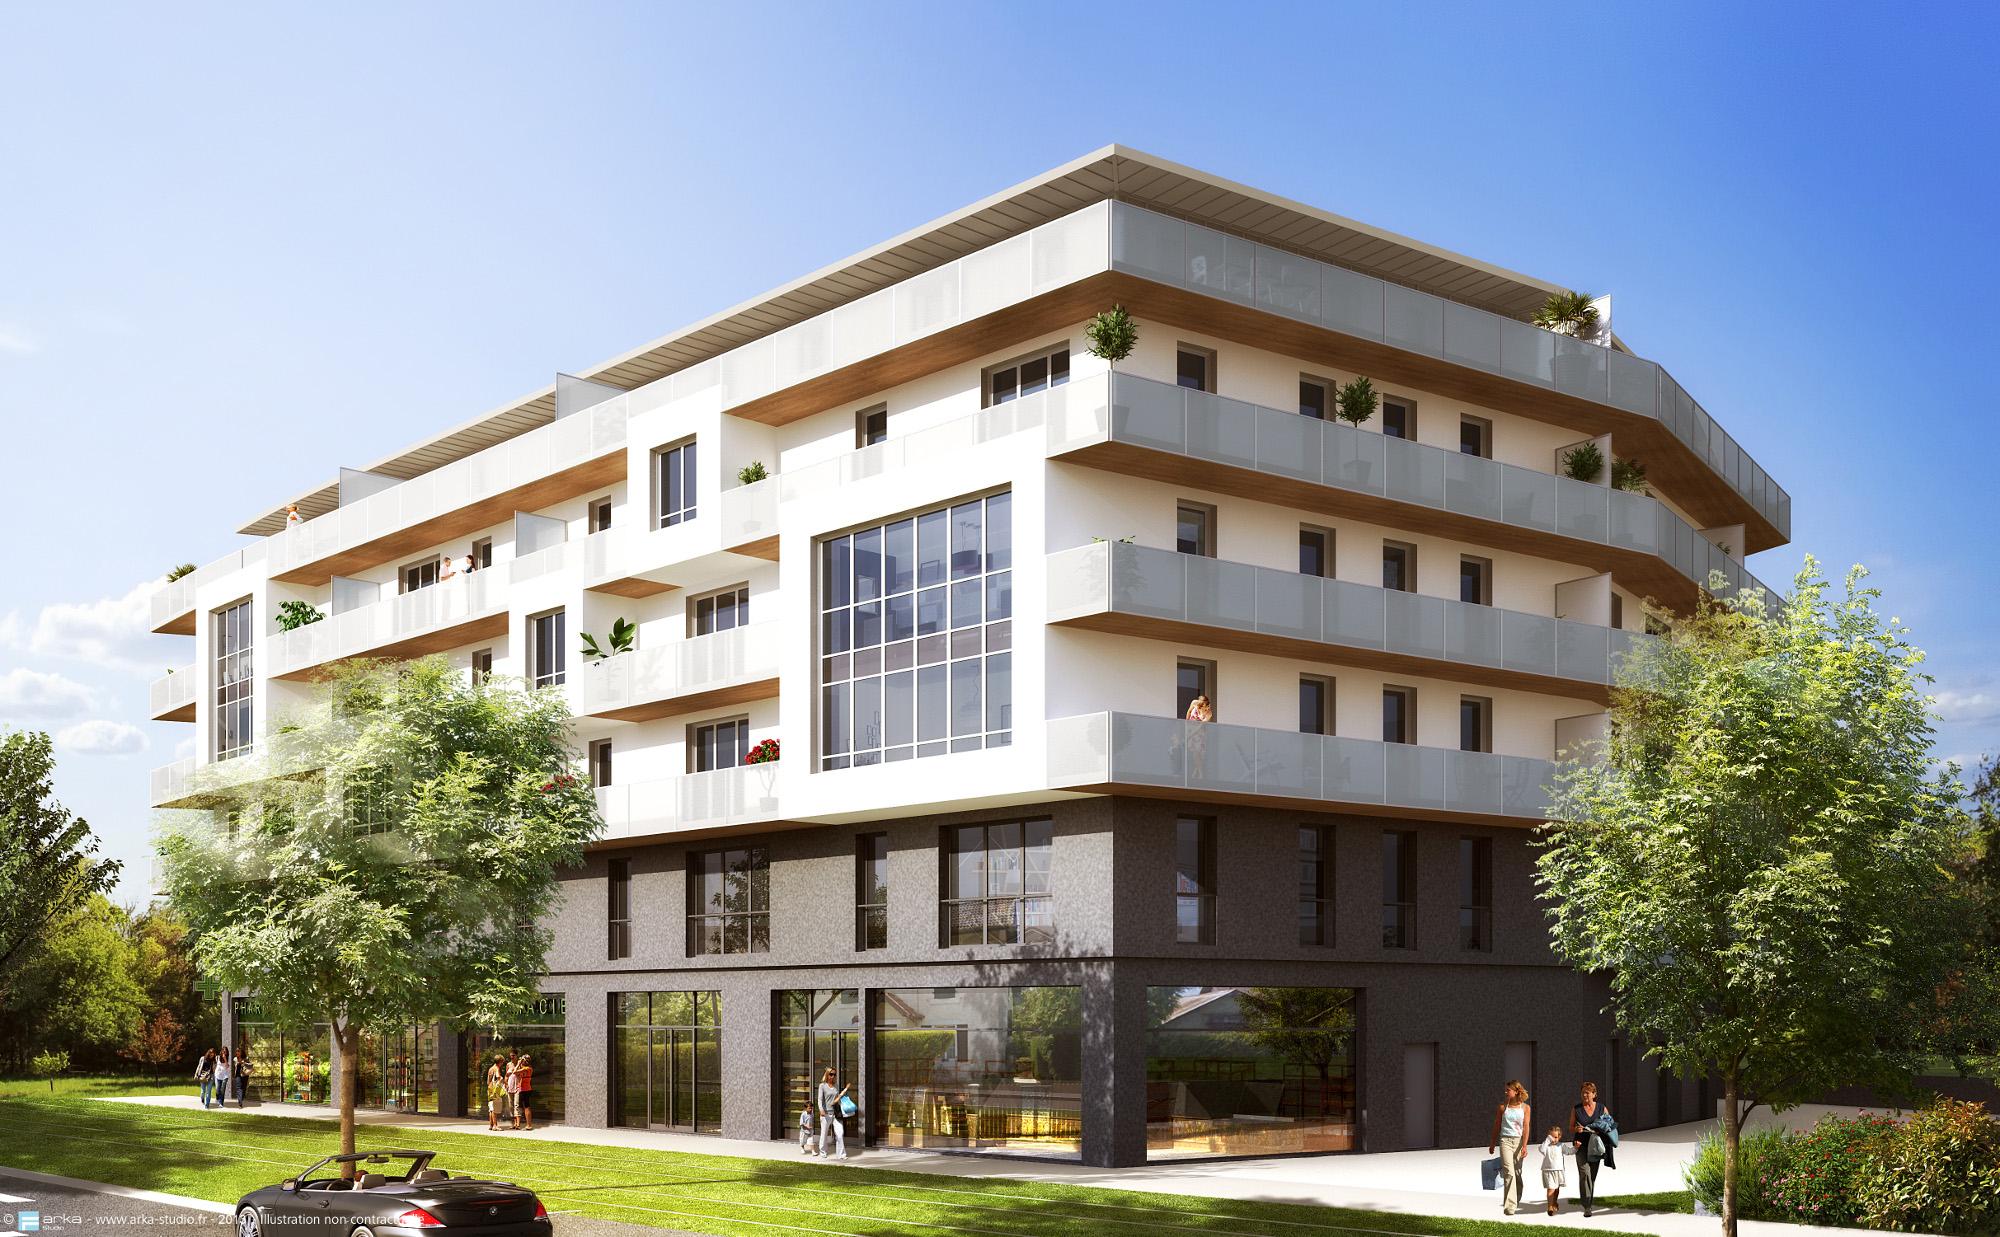 Achat vente logement neuf urban lodge saint genis pouilly - Exoneration taxe fonciere logement neuf bbc ...